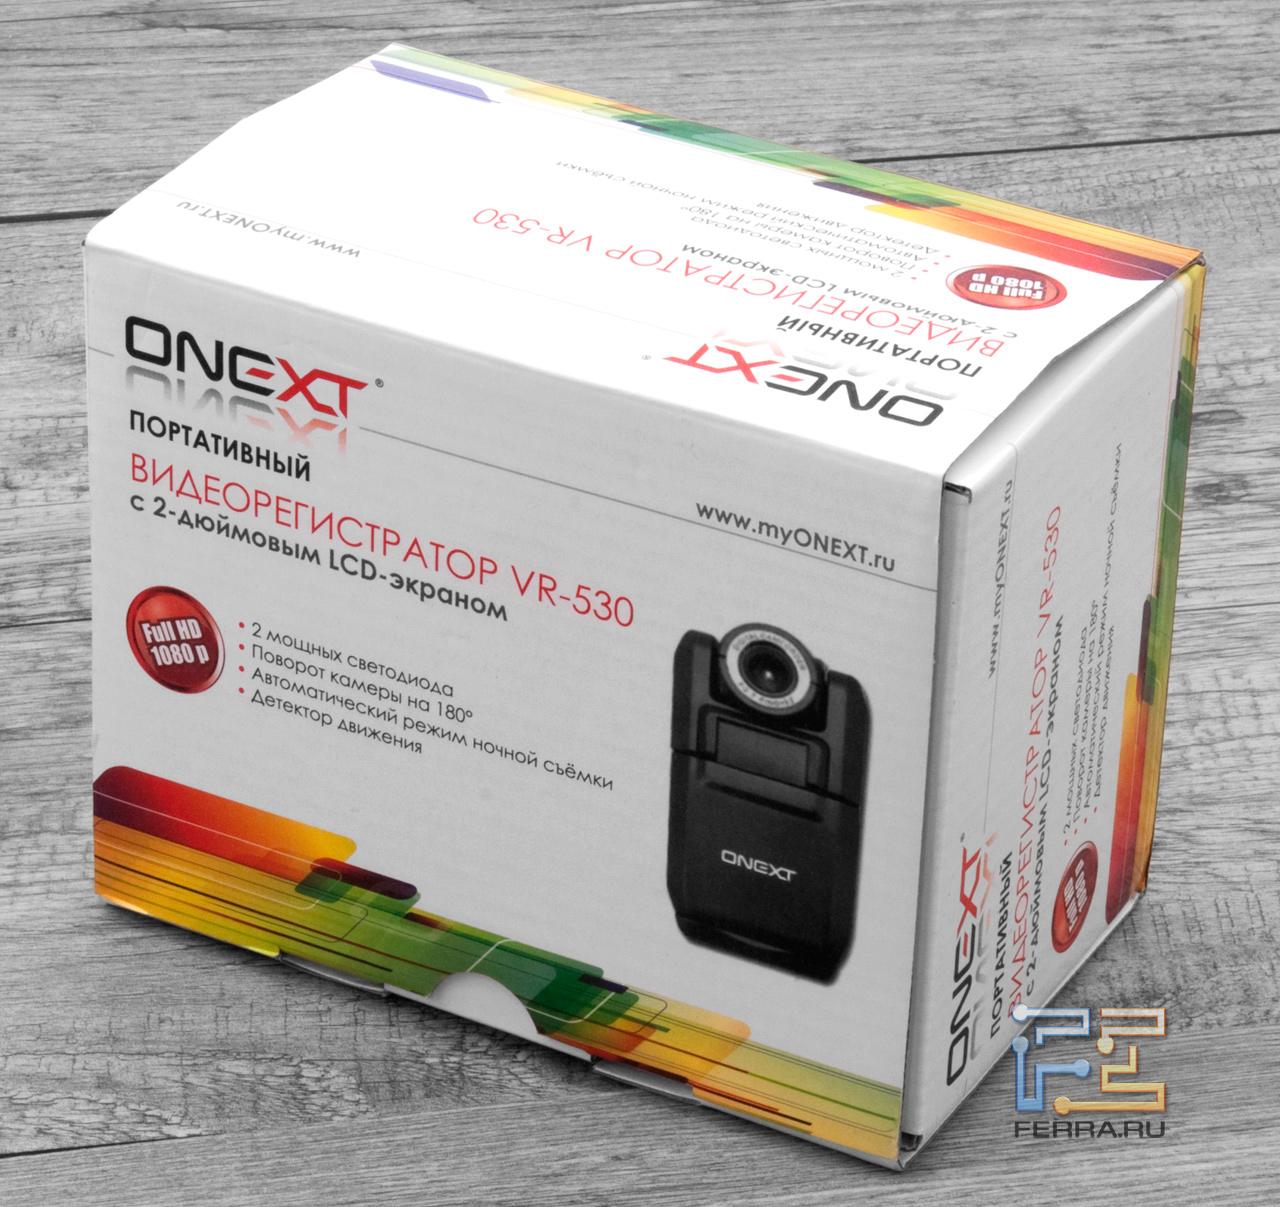 Видеорегистратор автомобильный onext vr 530 использование видеорегистратора в skype